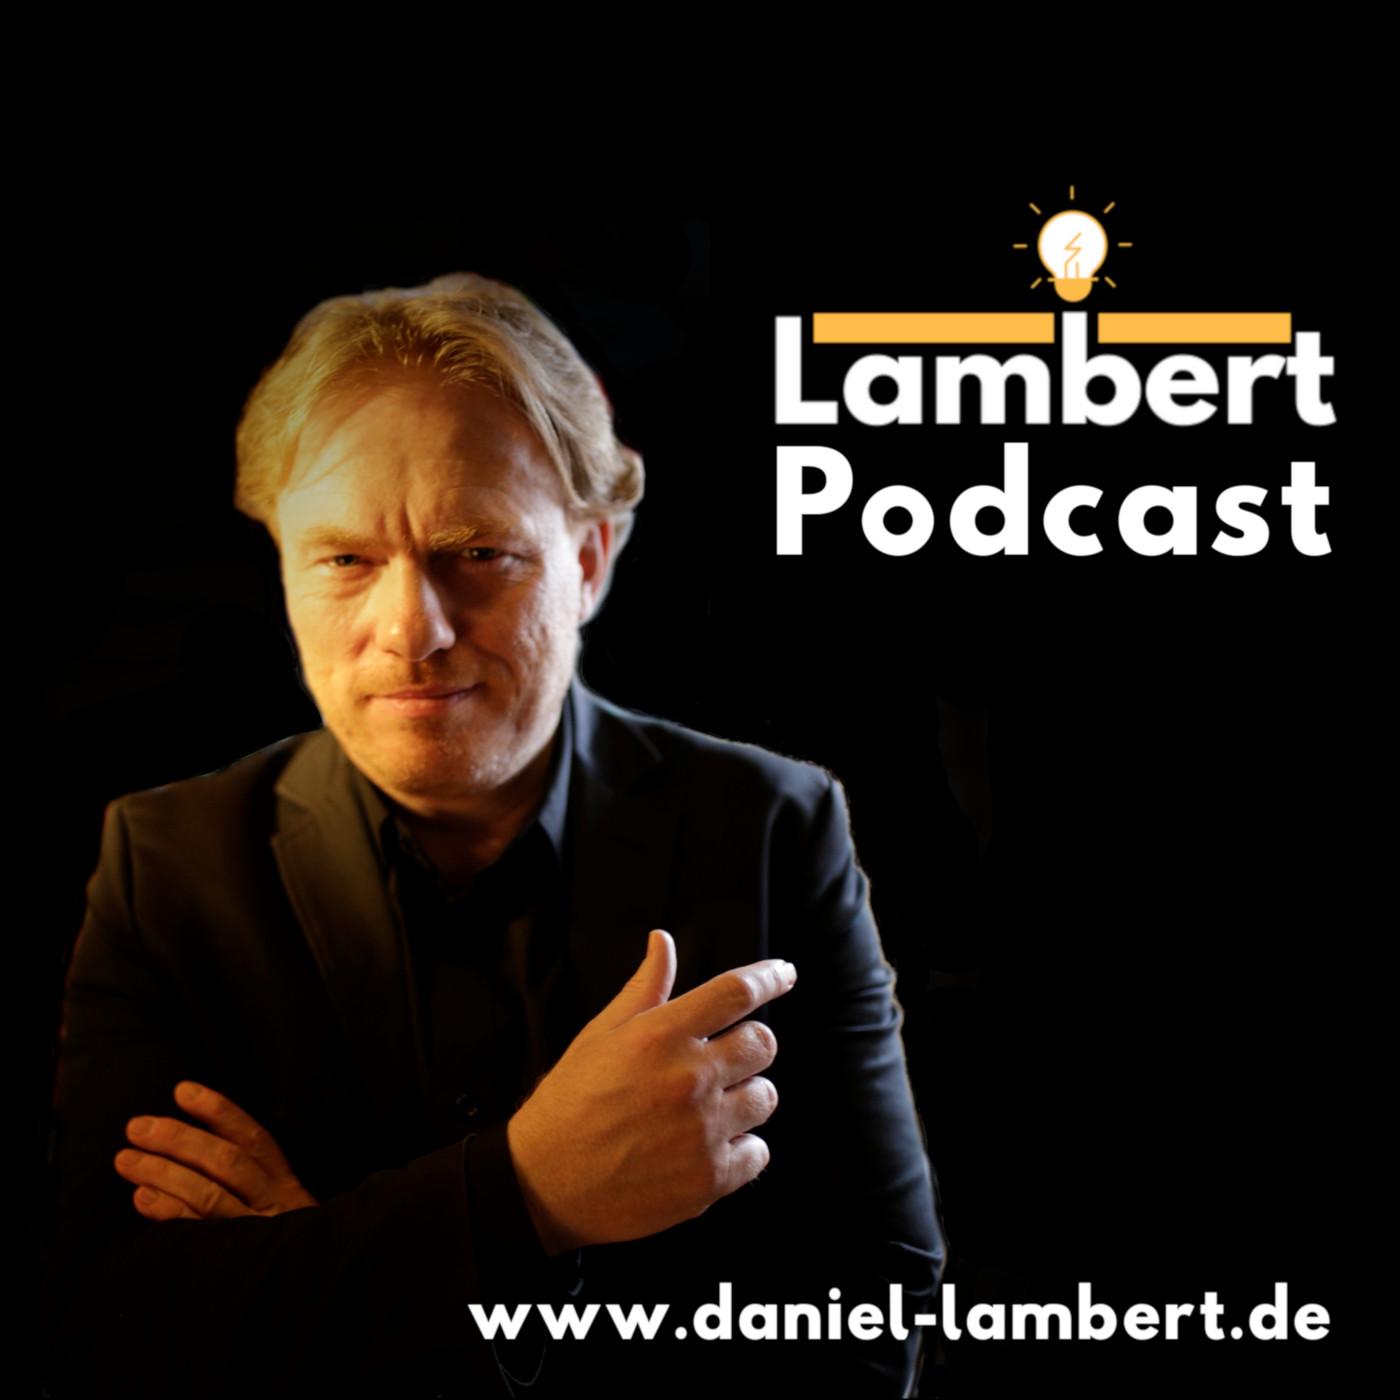 Lambert-Podcast Wirtschaft show art